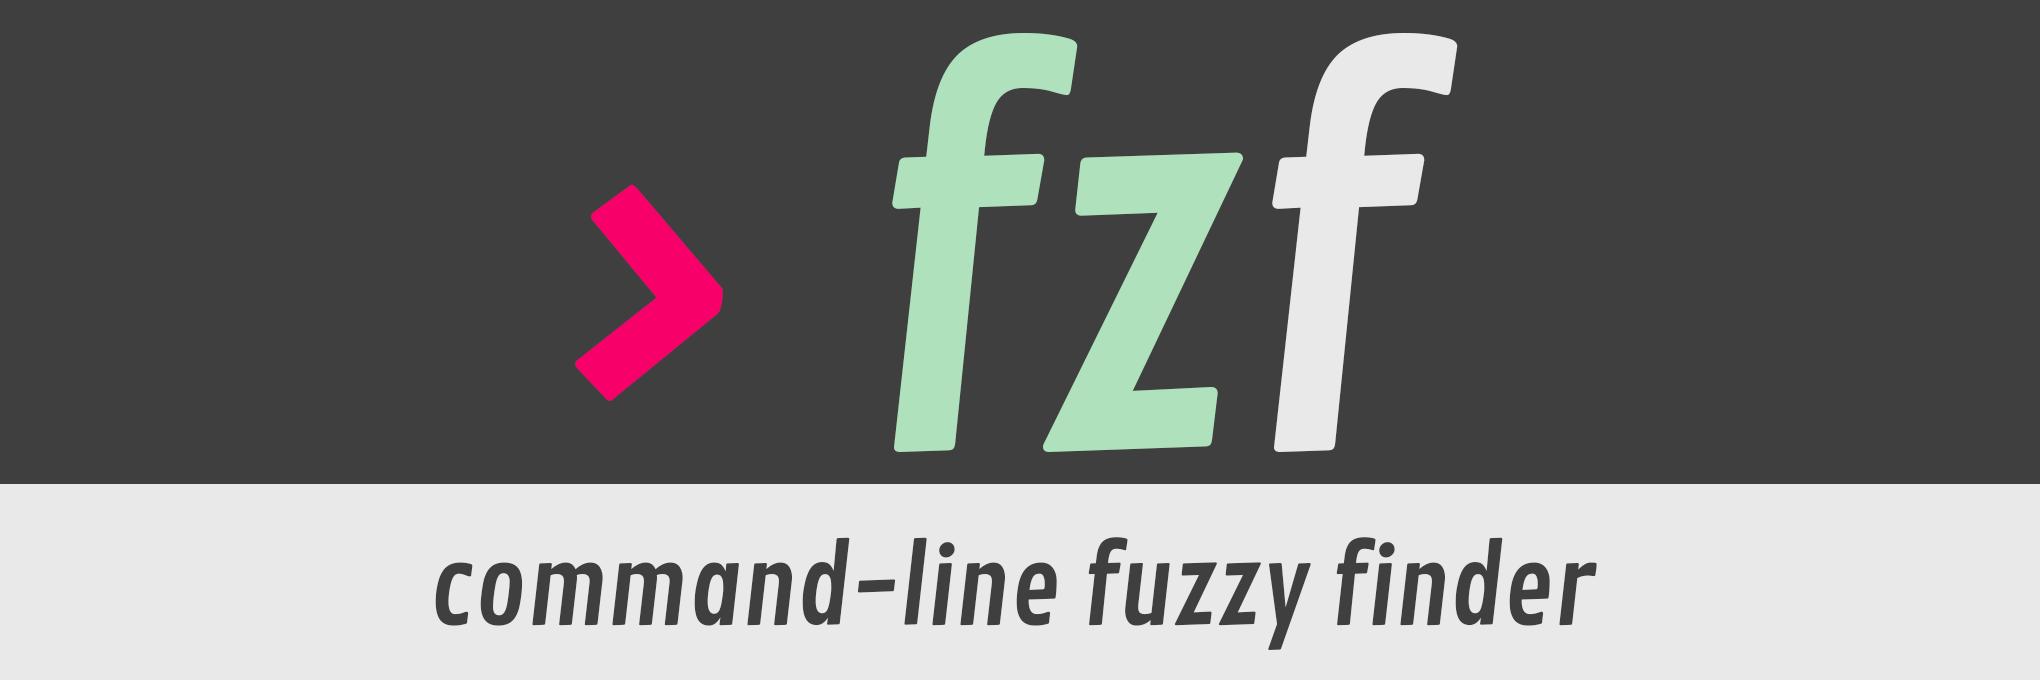 fzf-carroarmato0 banner